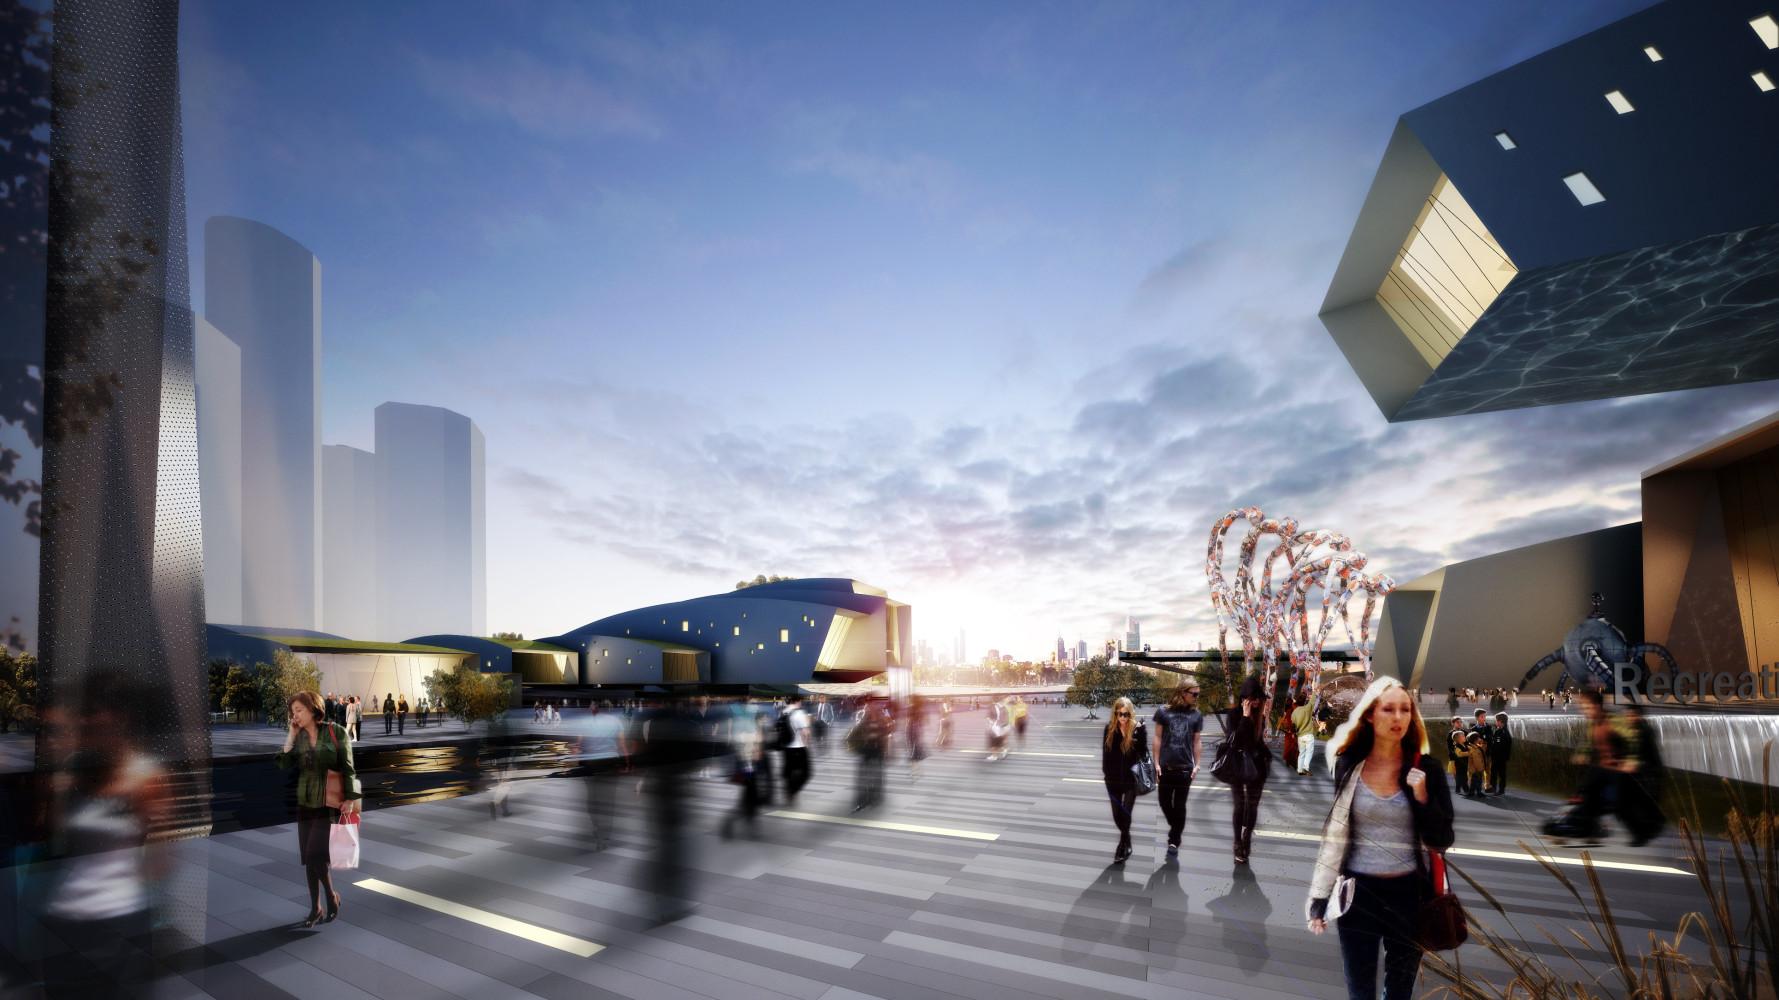 Detroit Riverfront Development, by Archilier Architecture